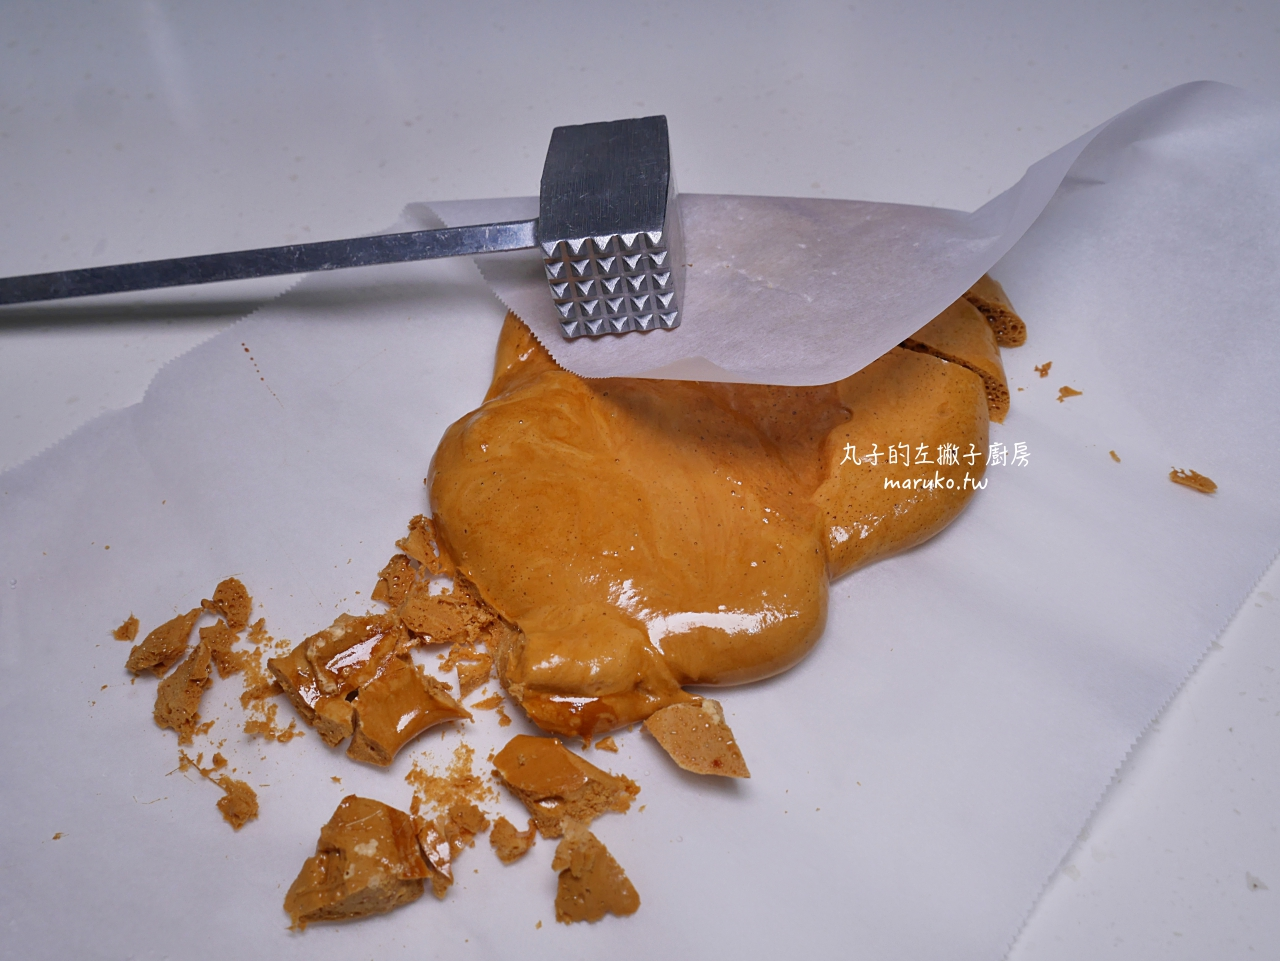 【食譜】蜂巢焦糖脆脆/風靡韓國讓甜點變身為華麗點心的焦糖脆脆做法 @Maruko與美食有個約會